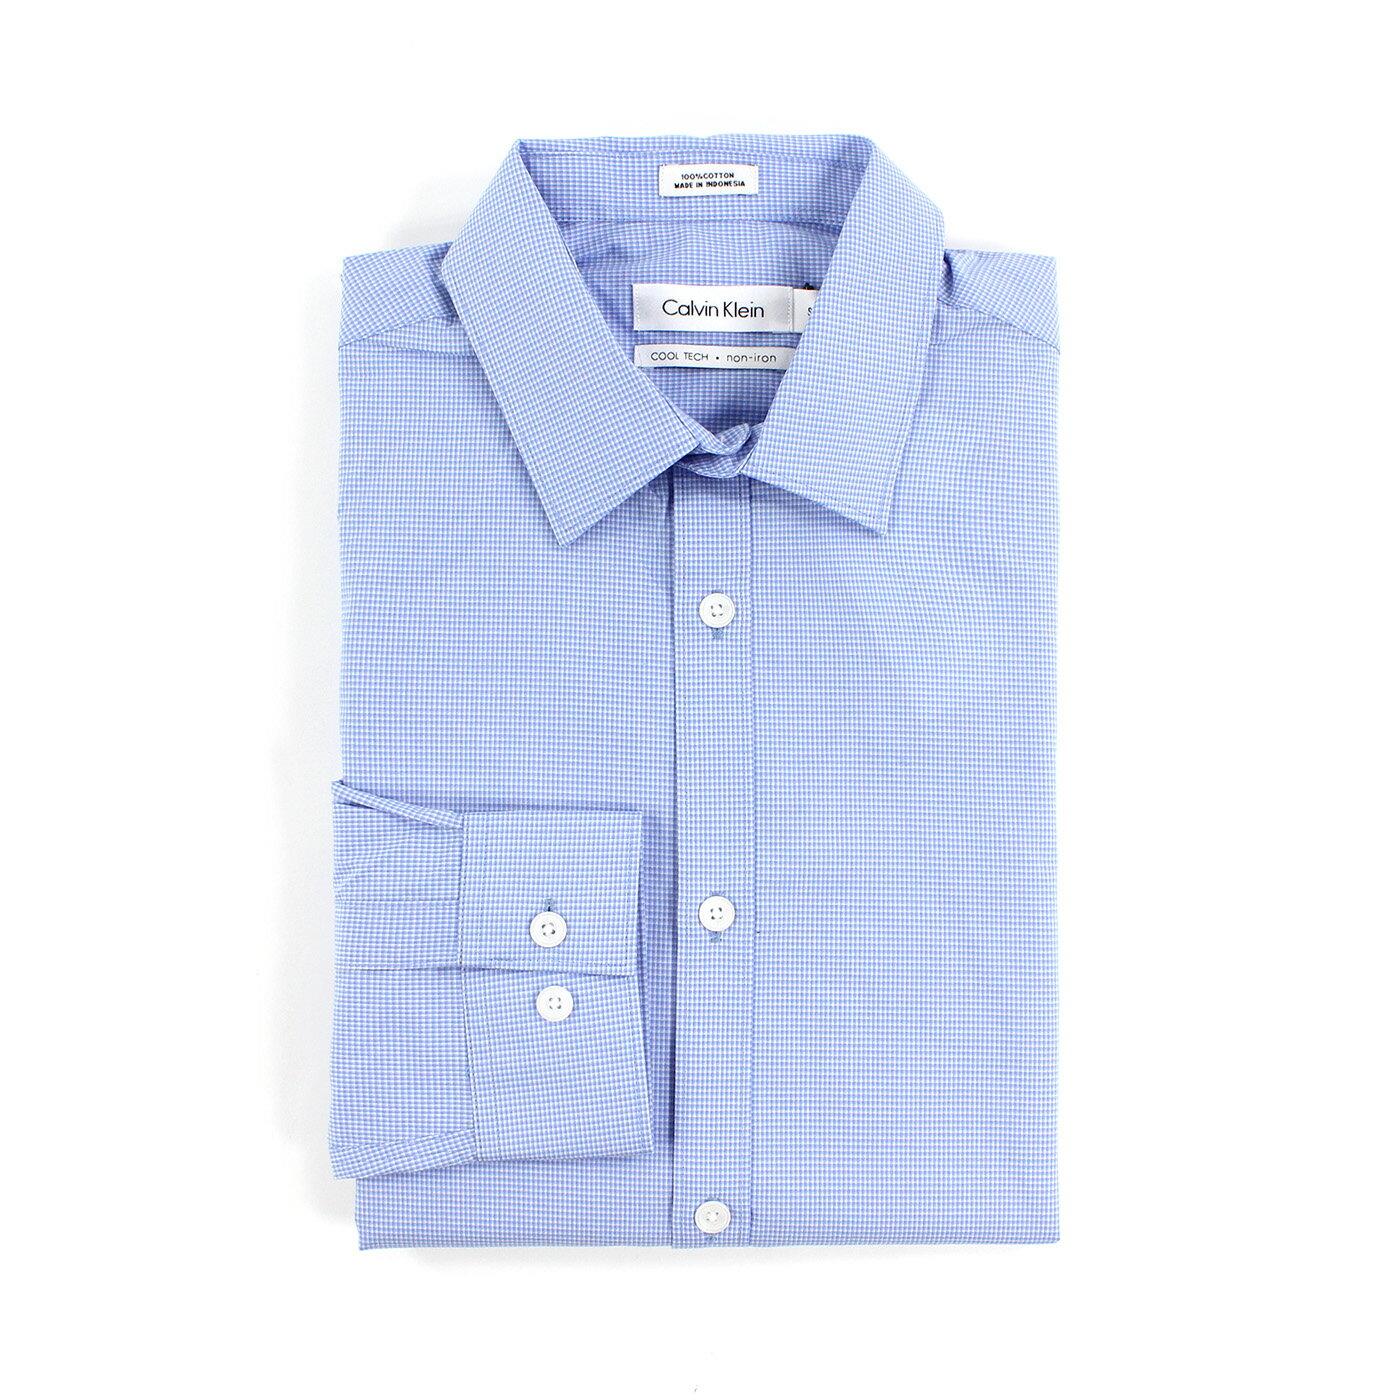 美國百分百【全新真品】Calvin Klein 襯衫 CK 男衣 上班 長袖 上衣 商務 格紋 水藍 S號 F707